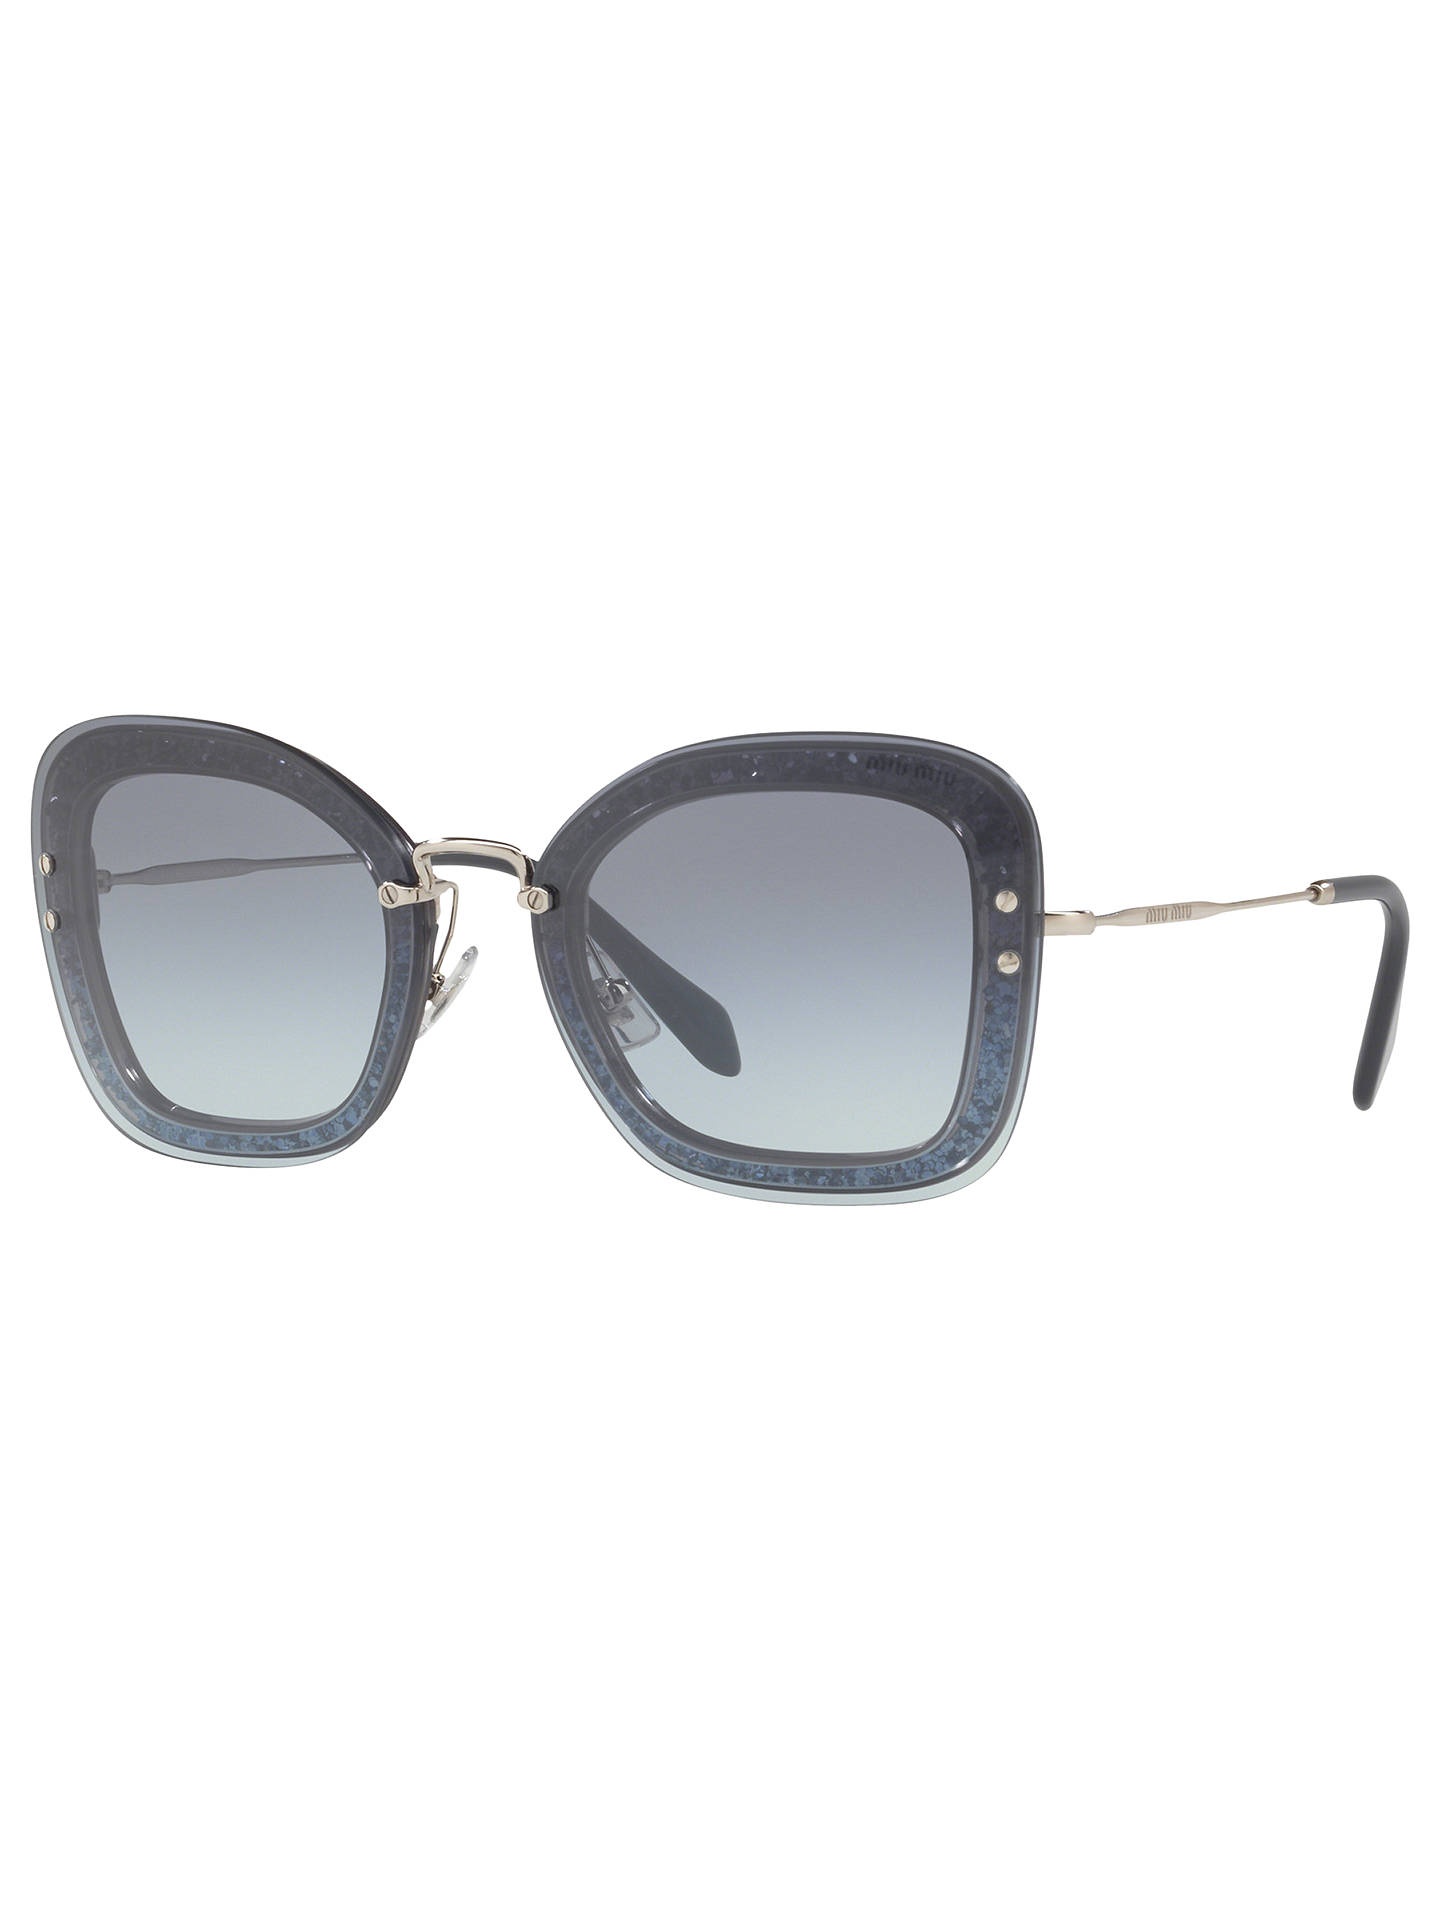 cb2b878e441 Buy Miu Miu MU 02TS Rectangular Sunglasses